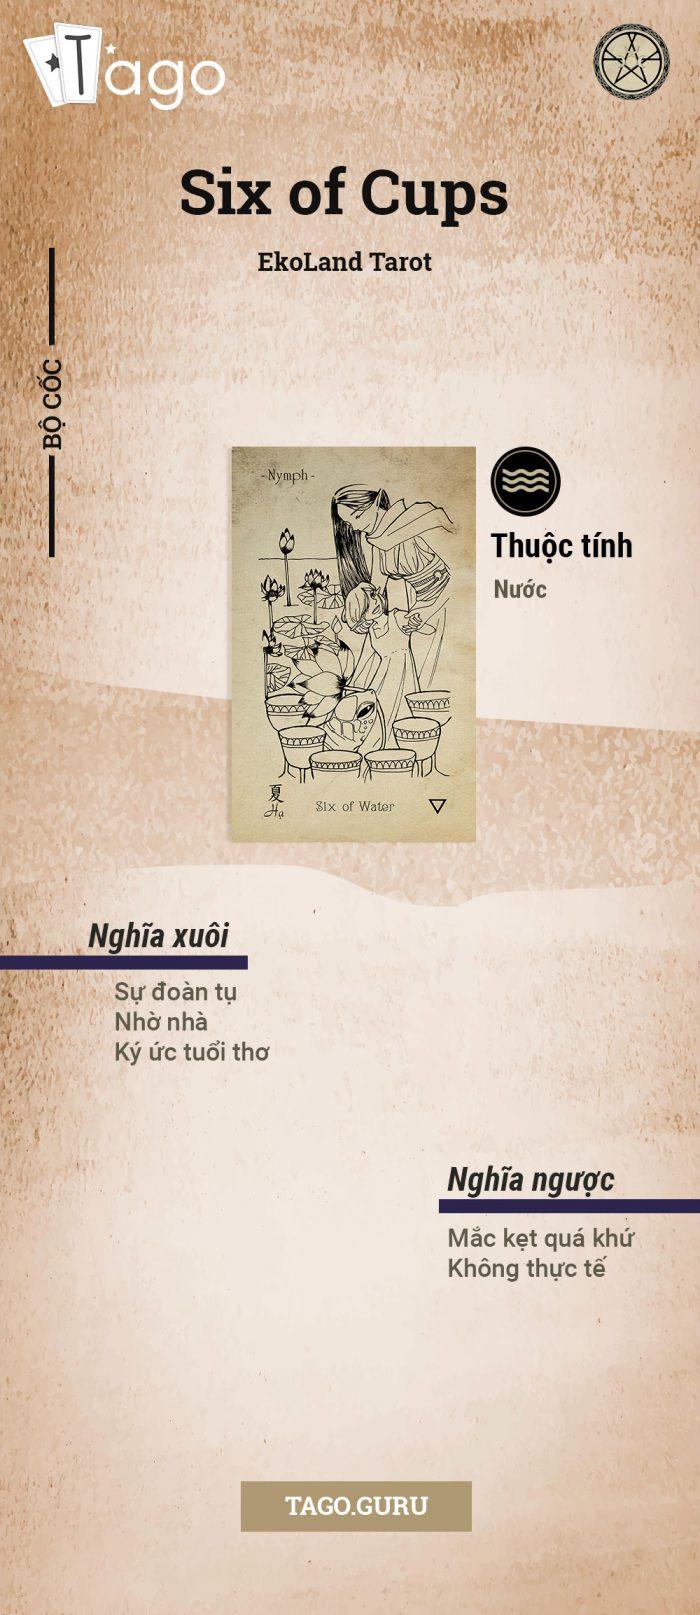 TAGO-Info-Bai-Tarot-Six-of-cups